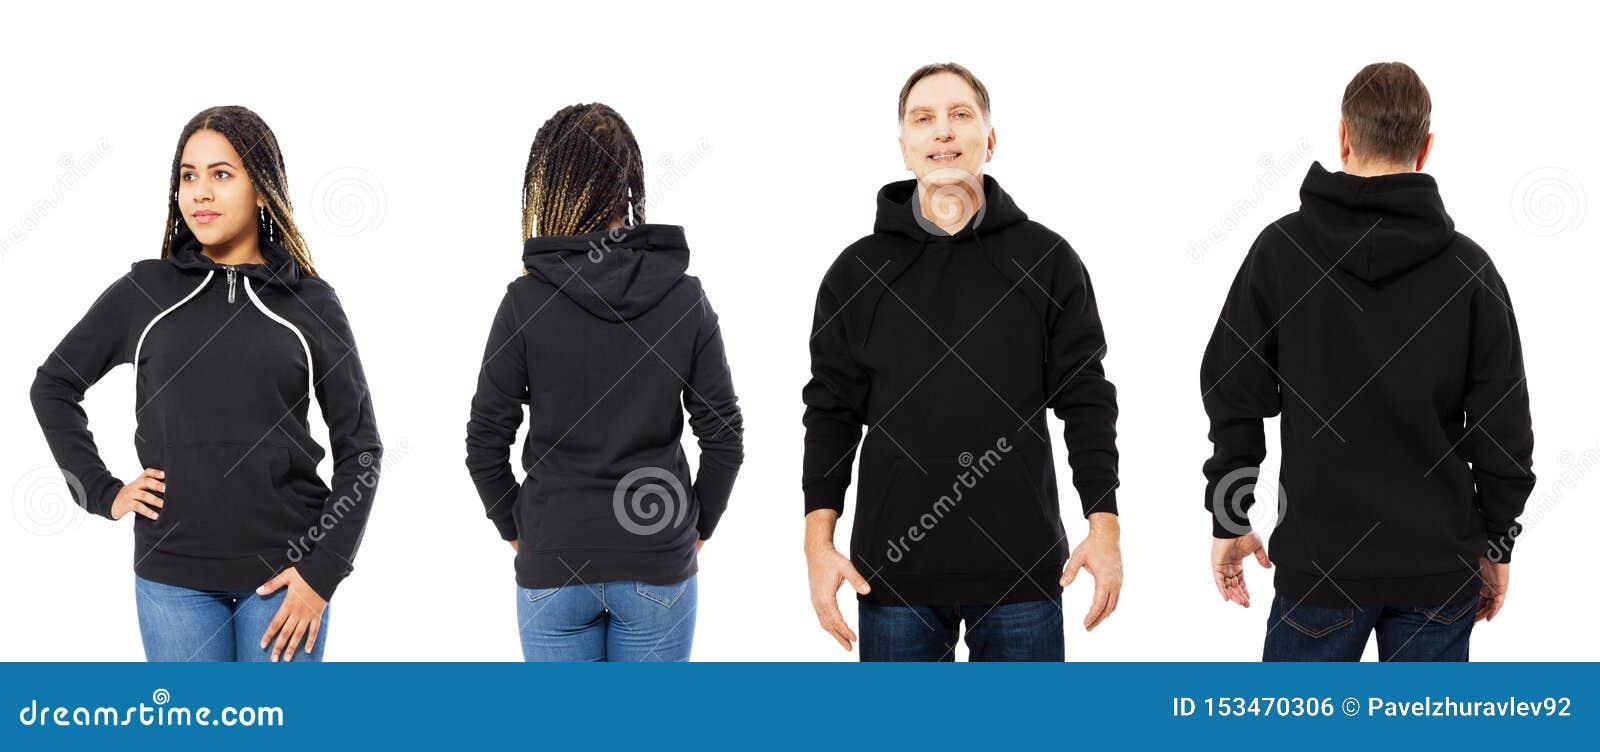 前面后面和后方黑运动衫视图 美丽的黑人妇女和人模板衣裳的被隔绝的印刷品和拷贝空间的